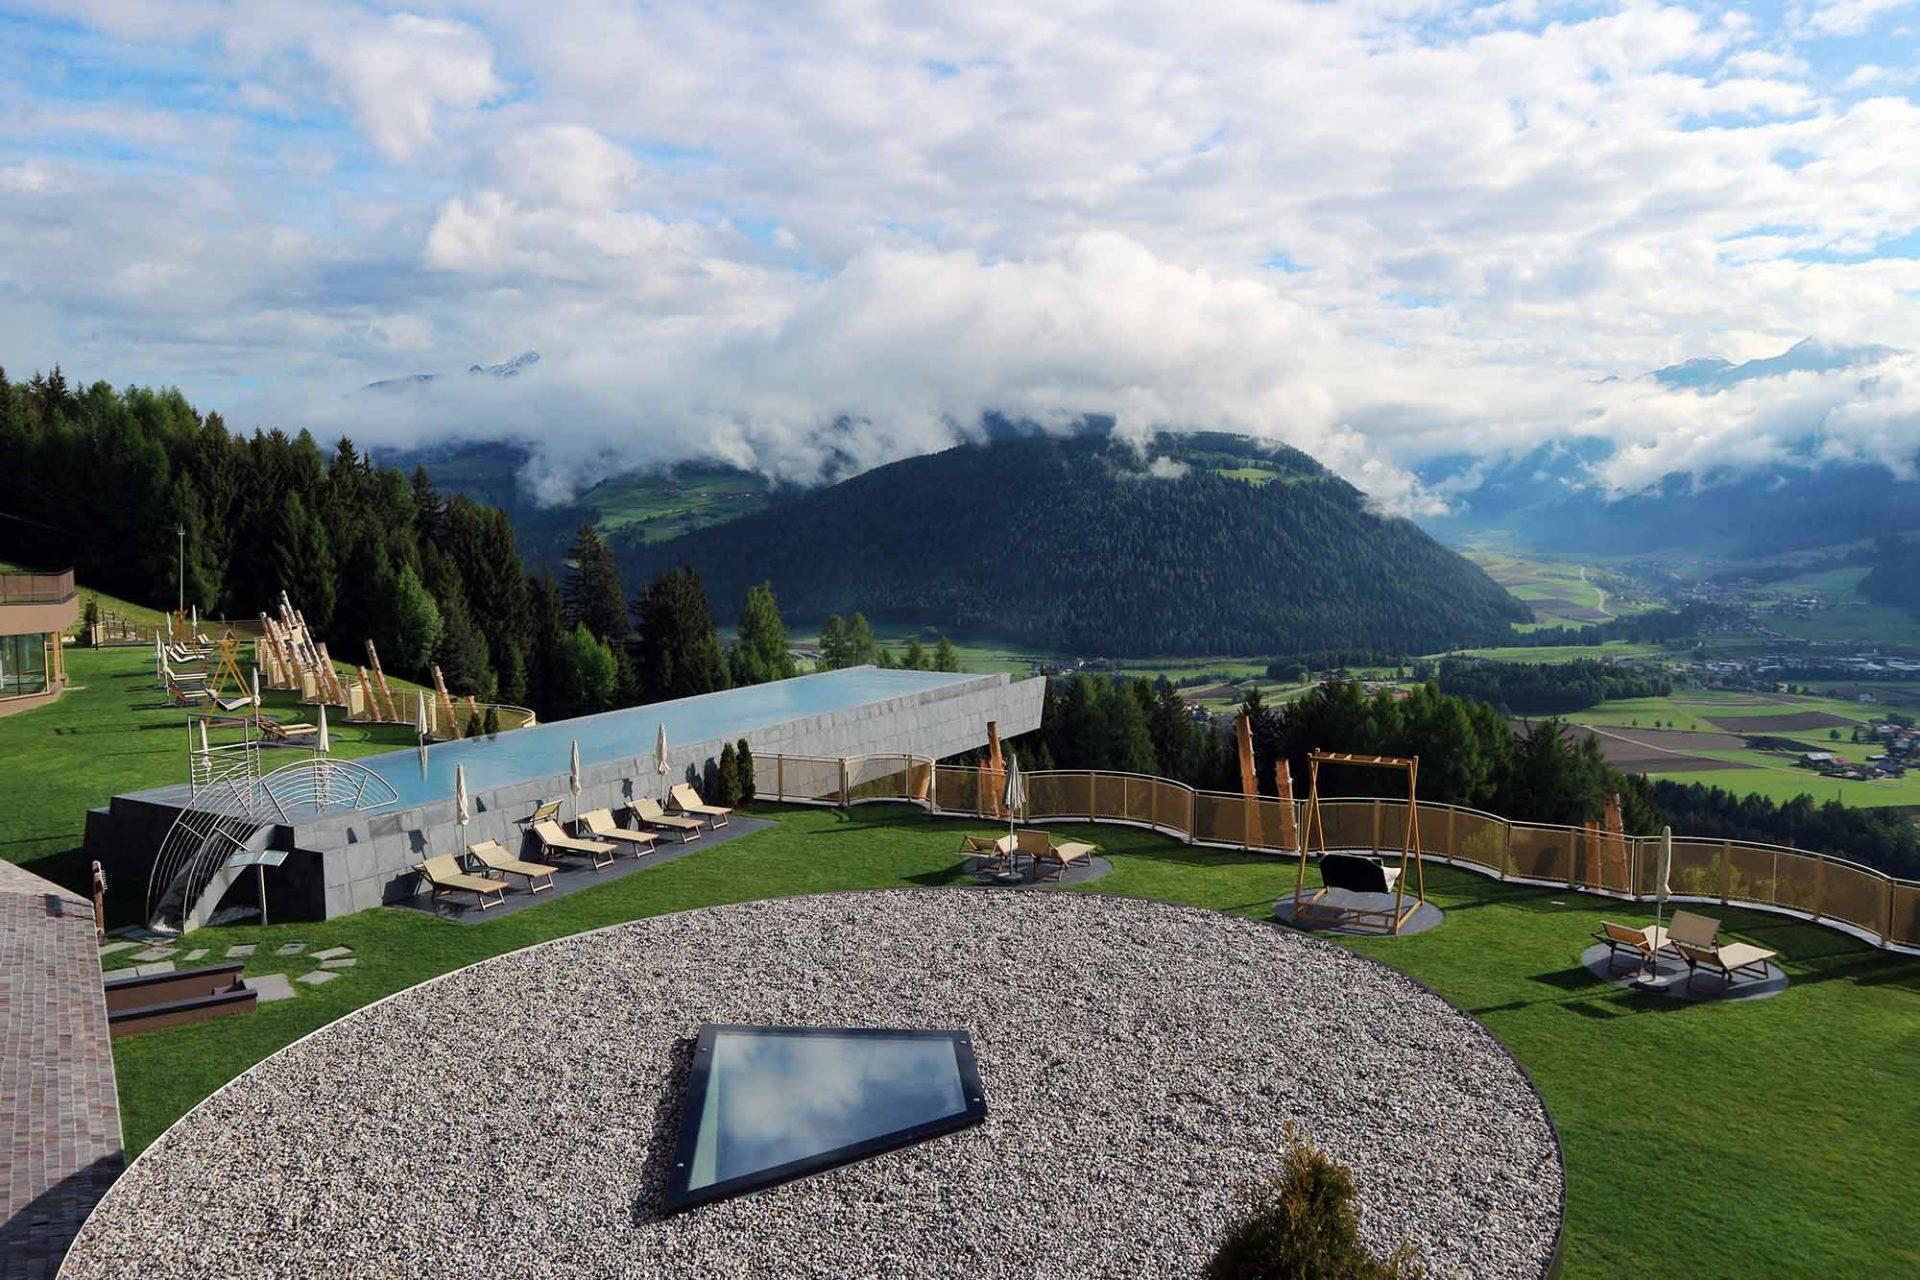 Spa Und Wellness Zentren Kreative Architektur: Fischerwiege Ahrenshoop